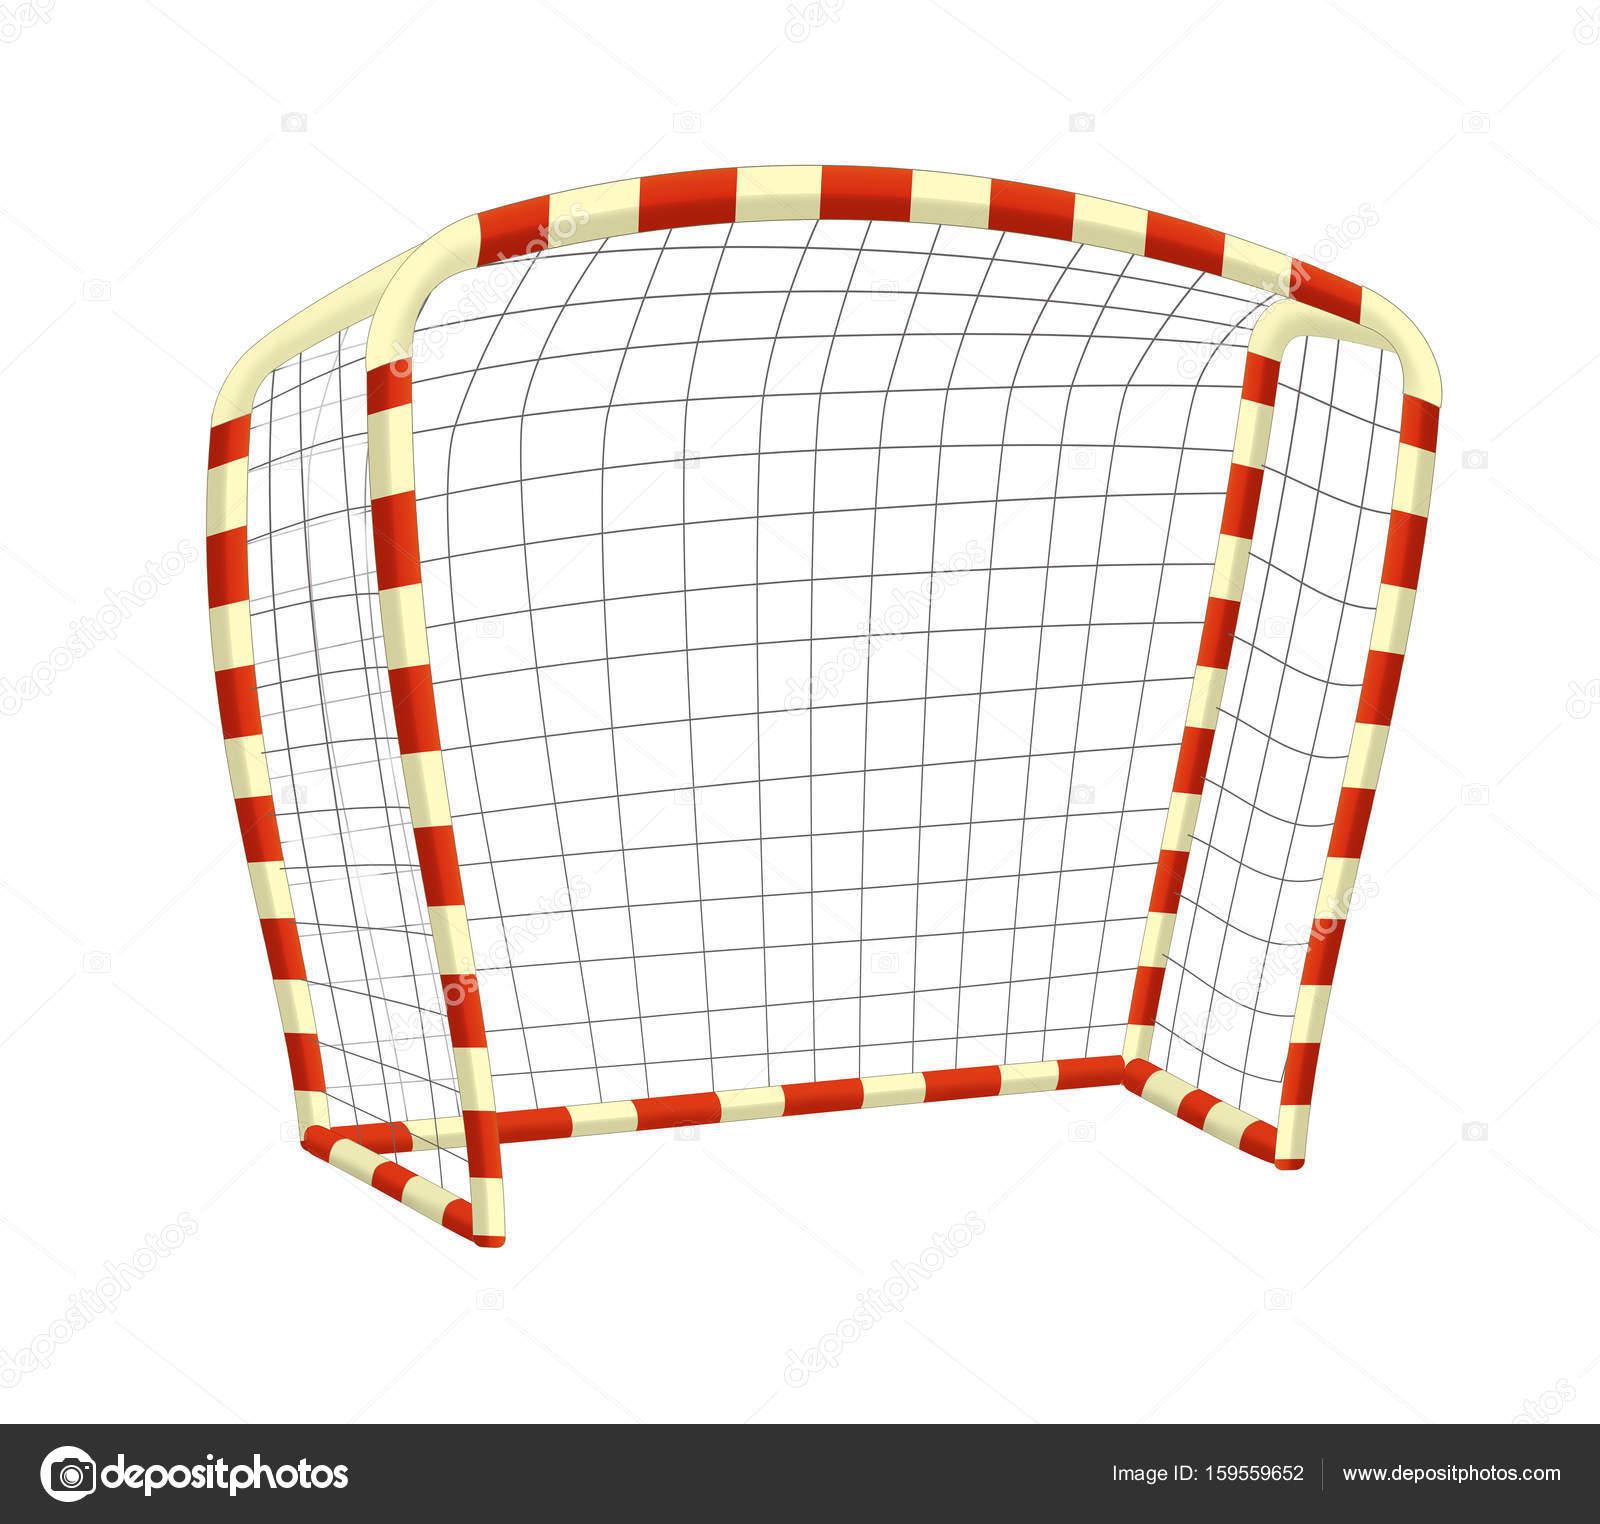 Clipart: football goal | Cartoon football goal — Stock Photo